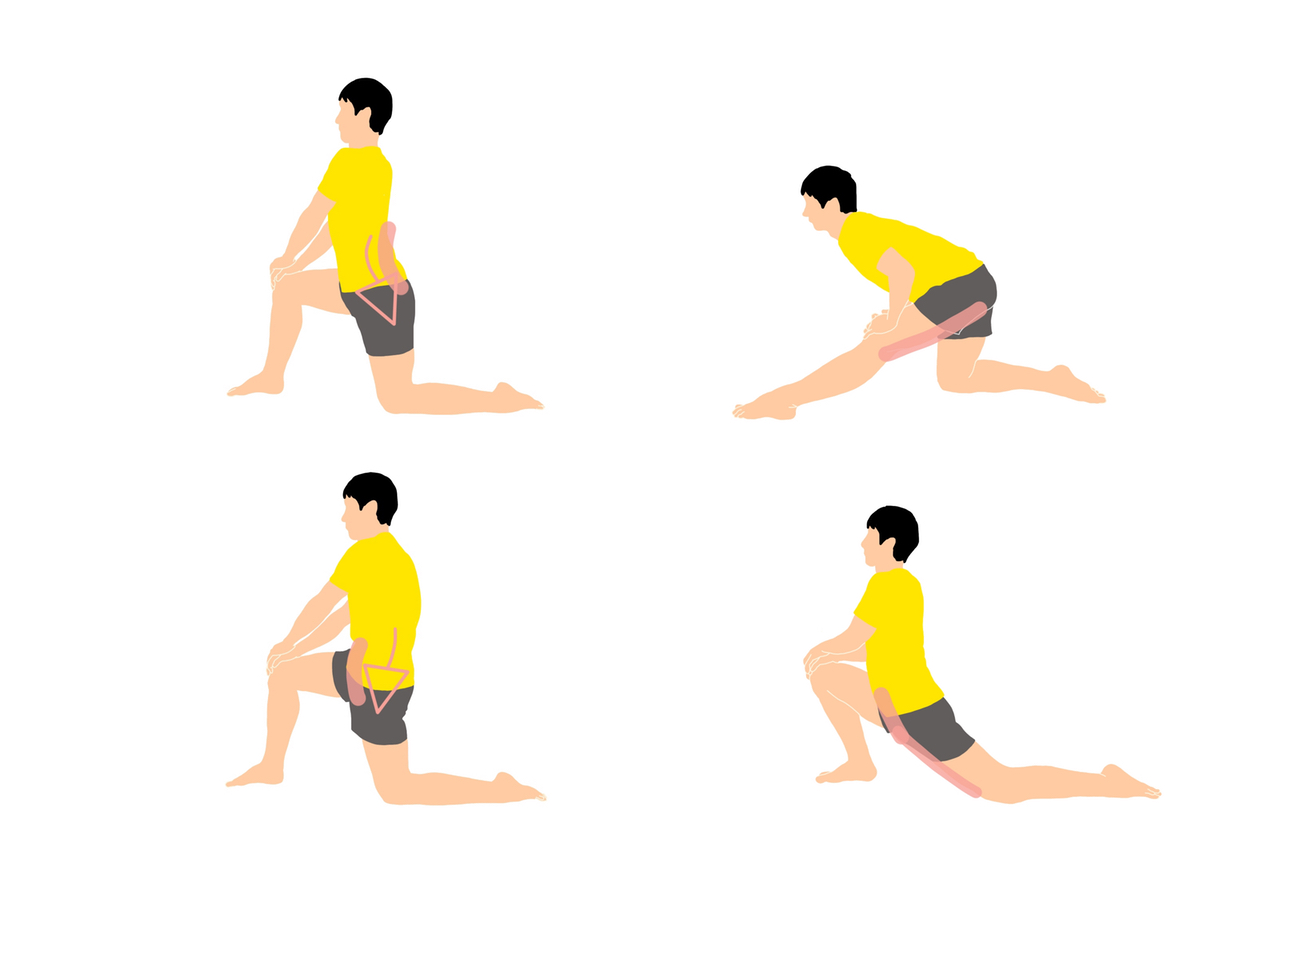 骨盤の前傾と後傾を意識して行うストレッチ